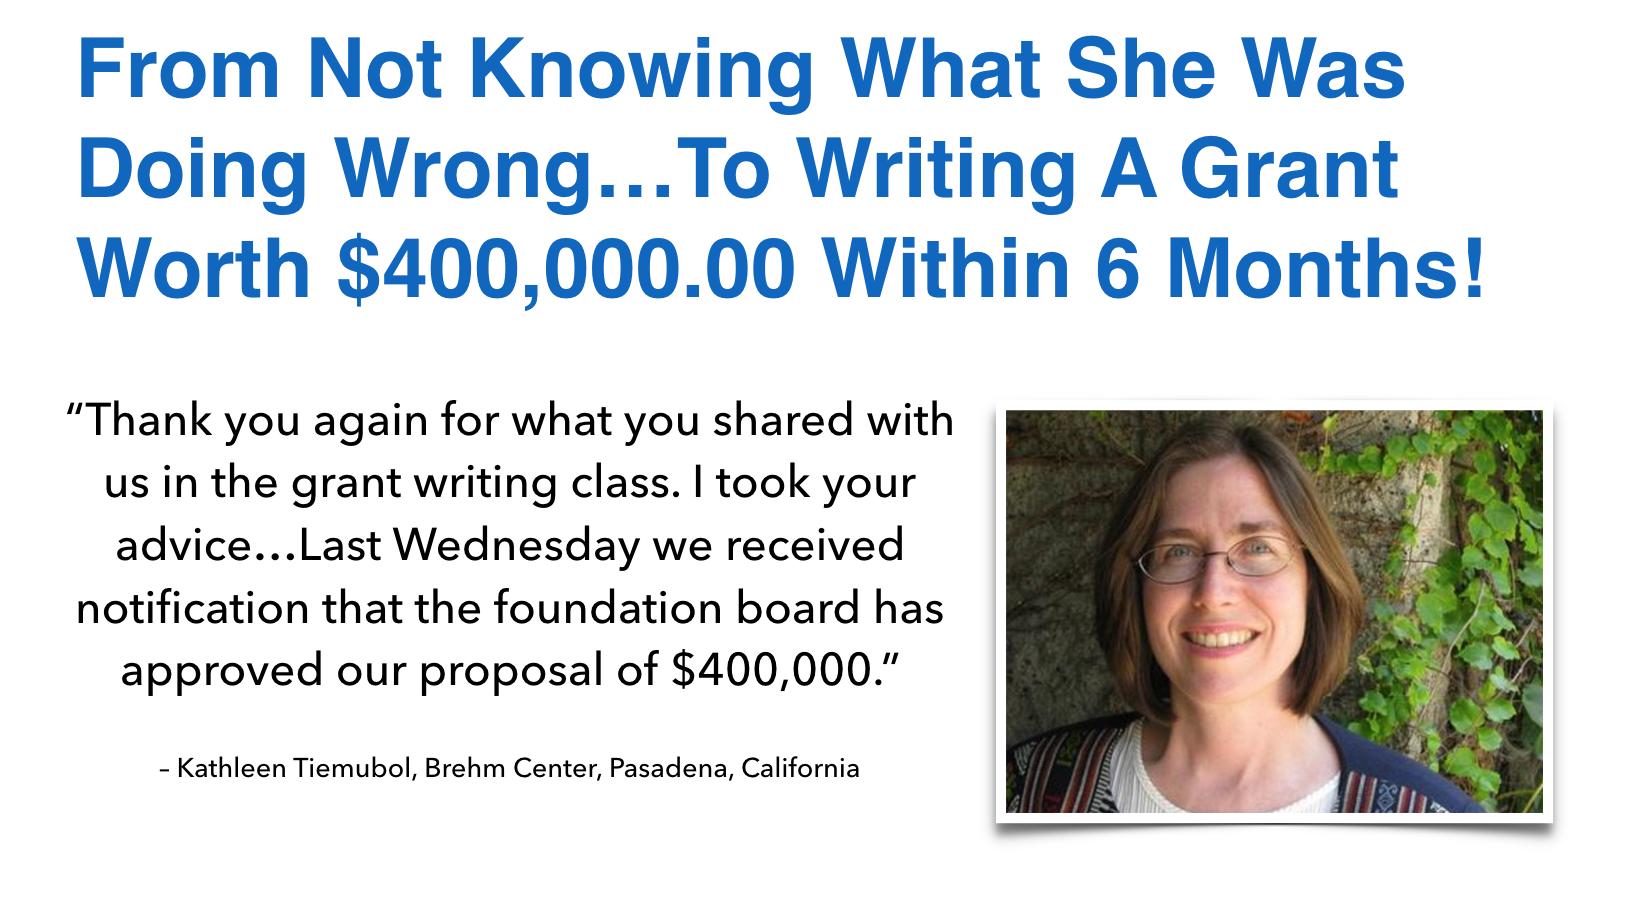 J9564TU3RmKUY0j2vLgS_Kathleen Tiemubol learn to write grants that get funded \